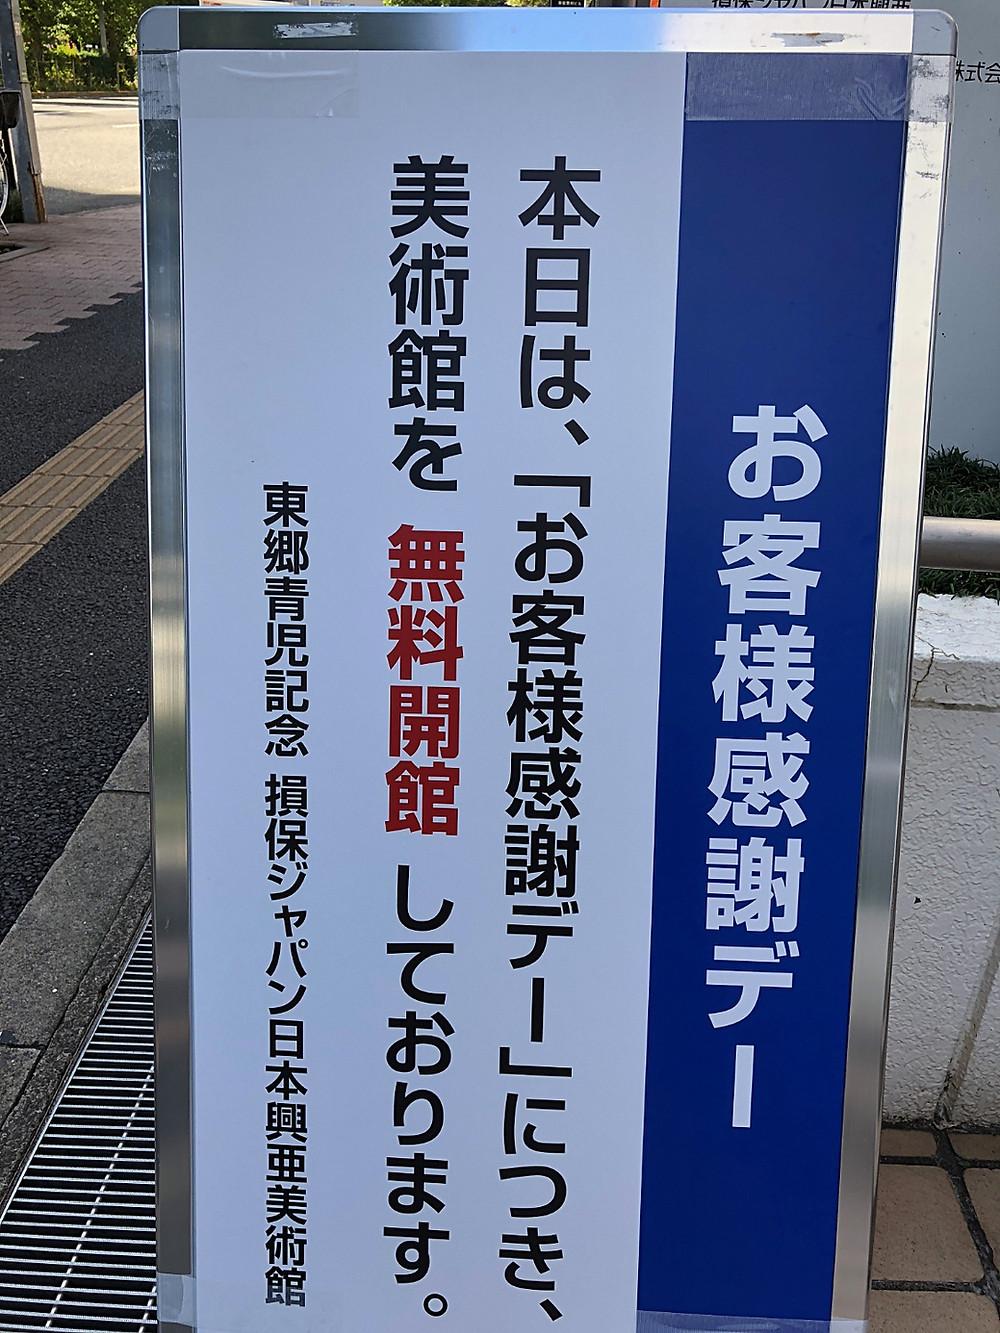 損保ジャパン日本興亜美術館にてカール・ラーション展で北欧インテリアを学ぶ。インテリアコーディネーターのブログ。